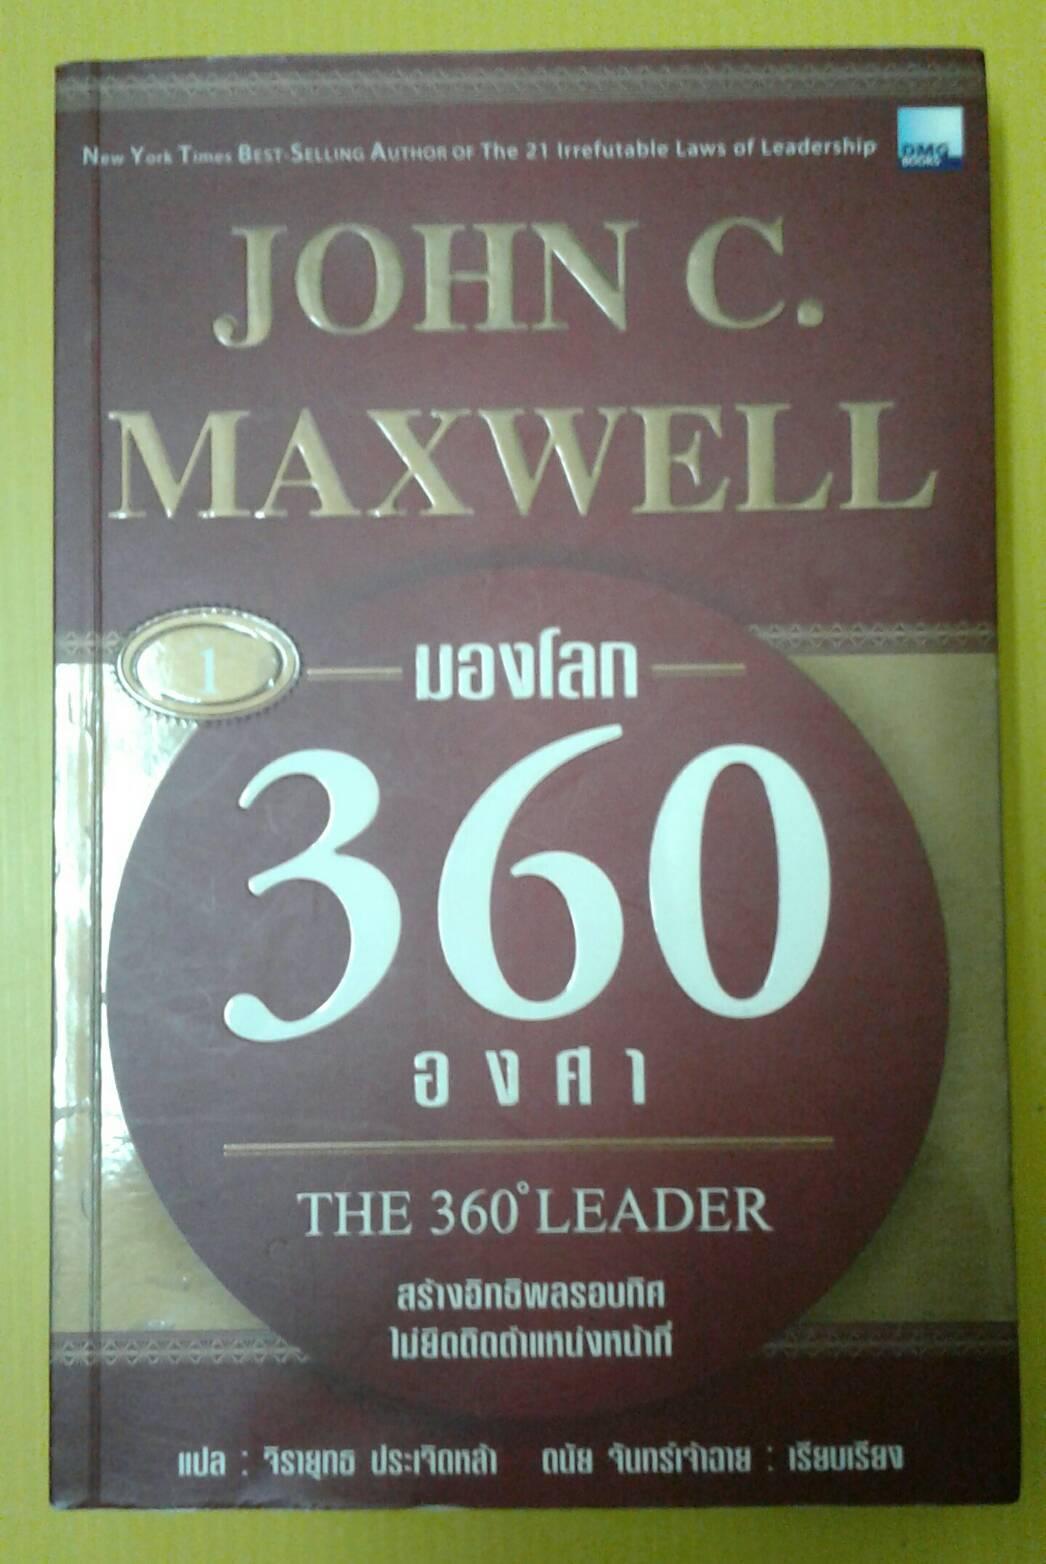 มองโลก360องศา-จอห์น แมกเวลซ์